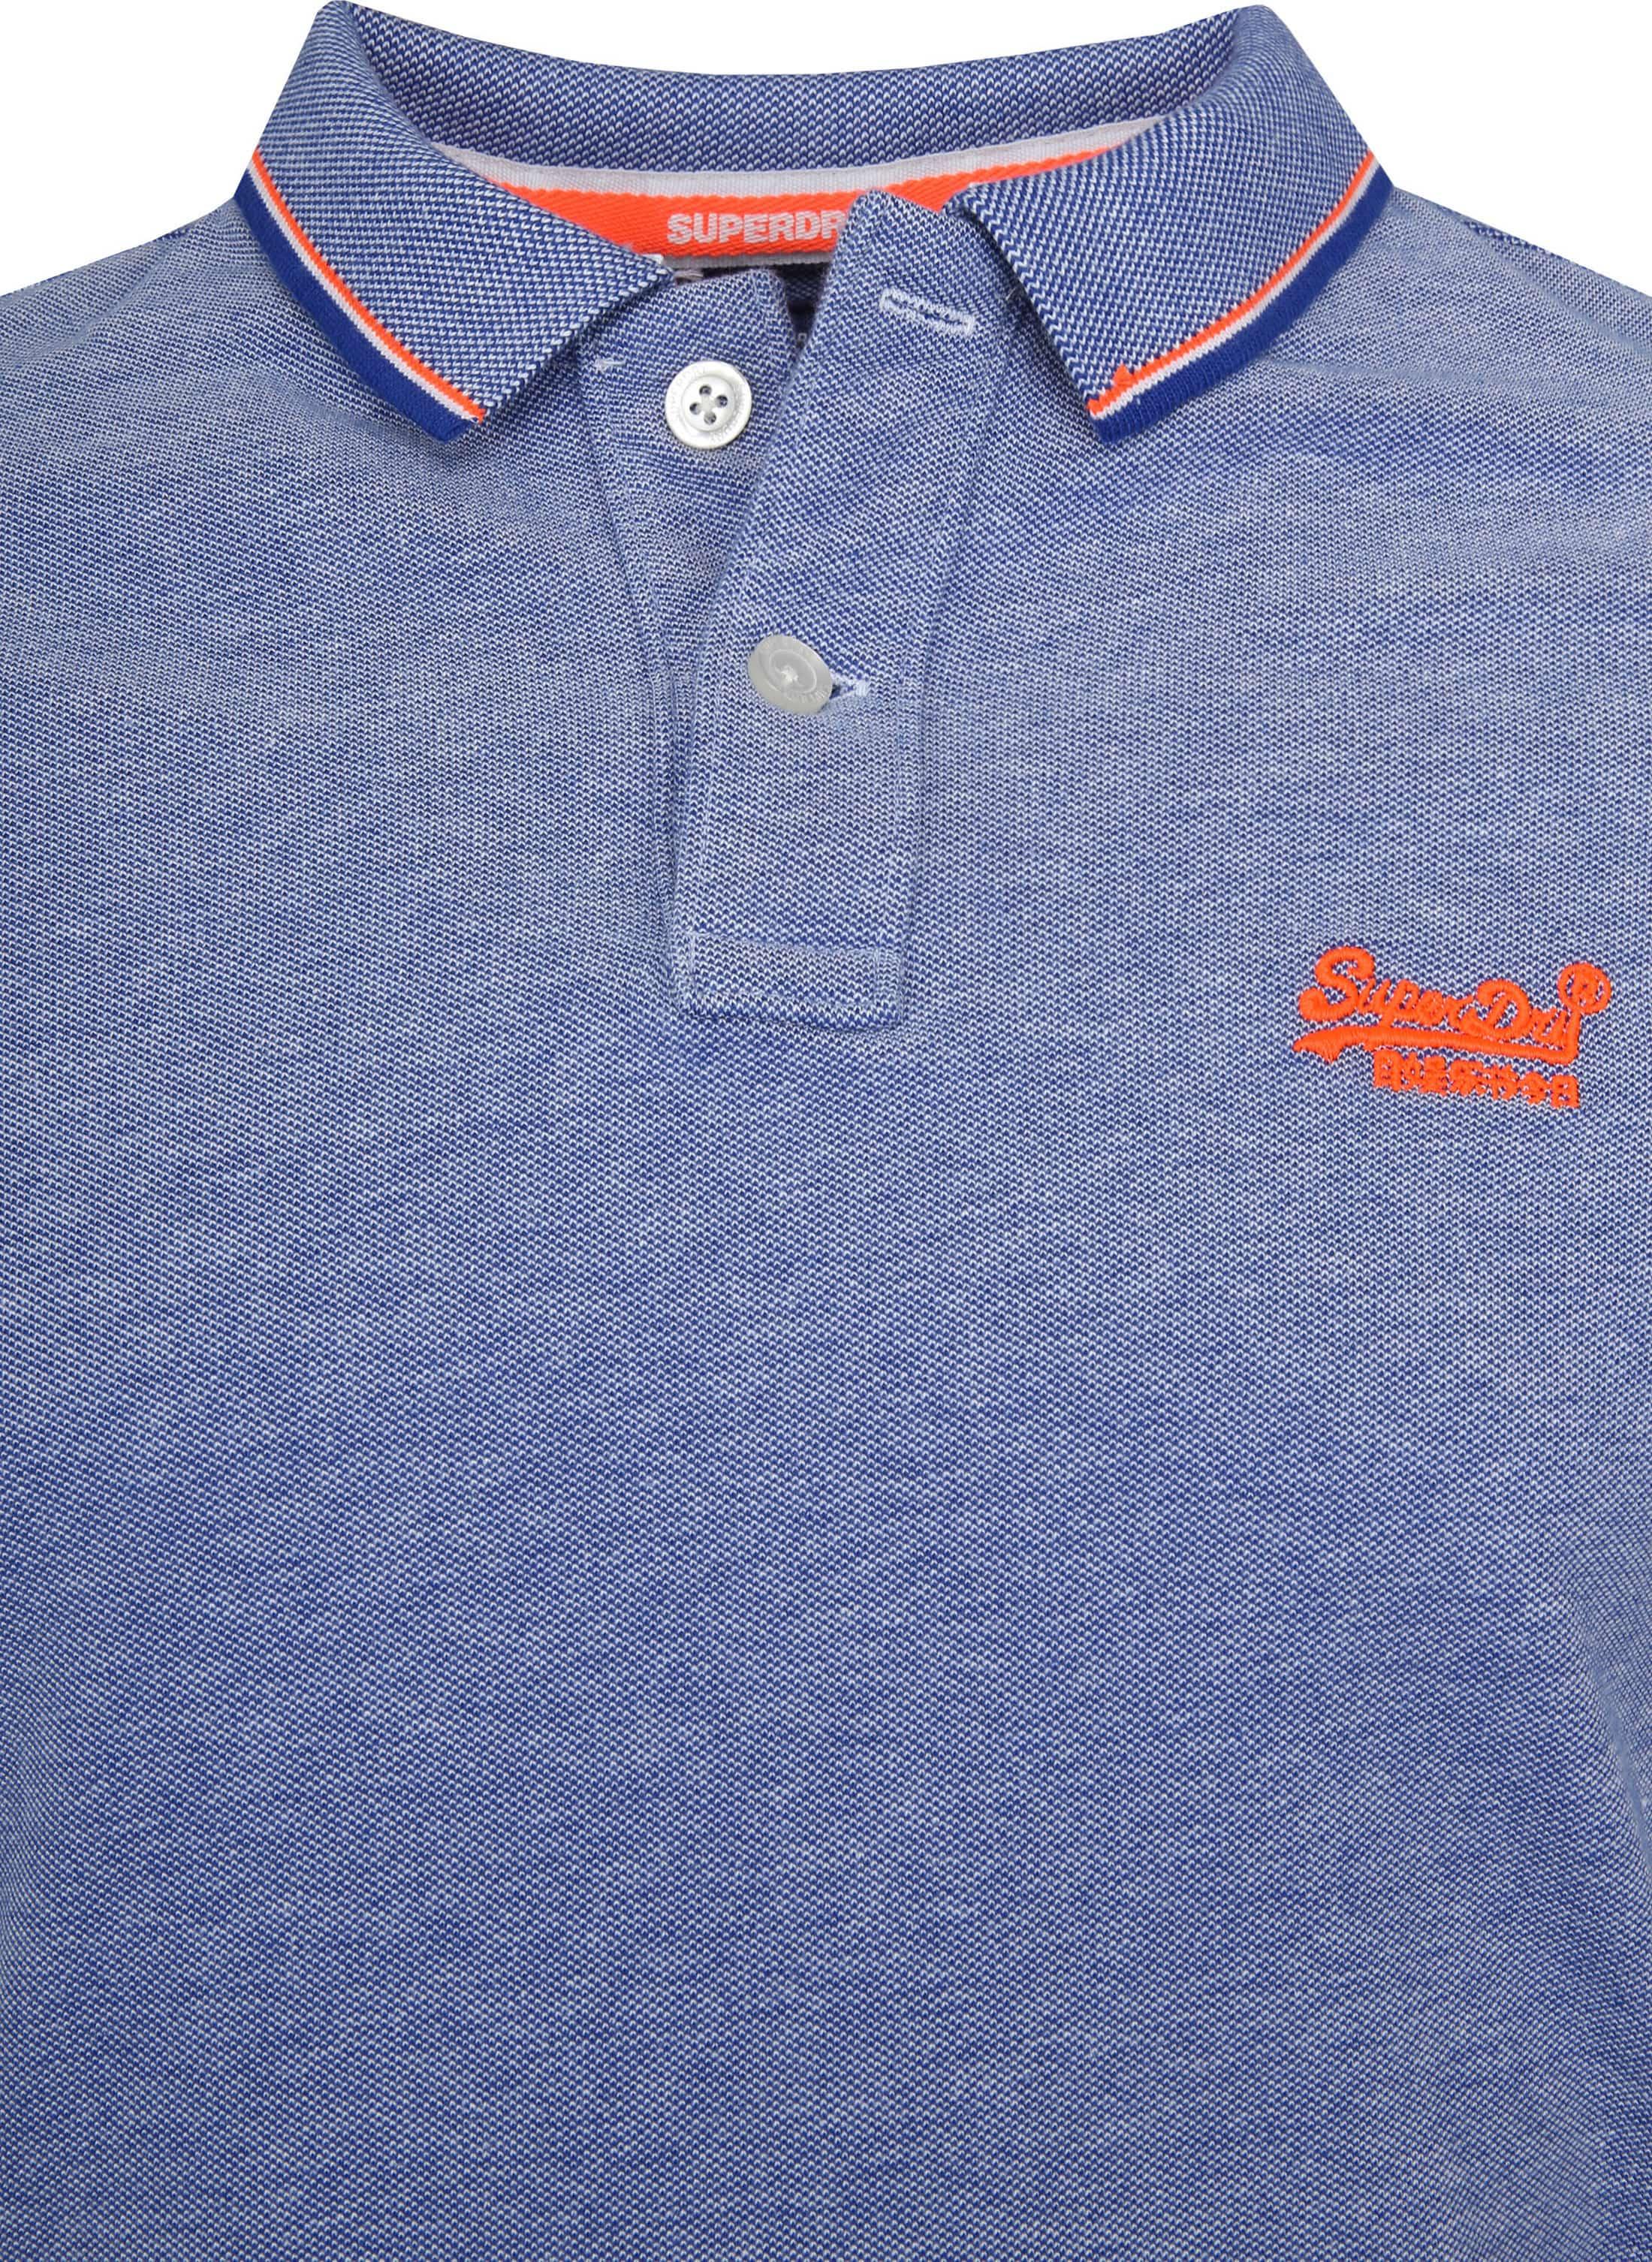 Superdry Premium Poloshirt Blau foto 1